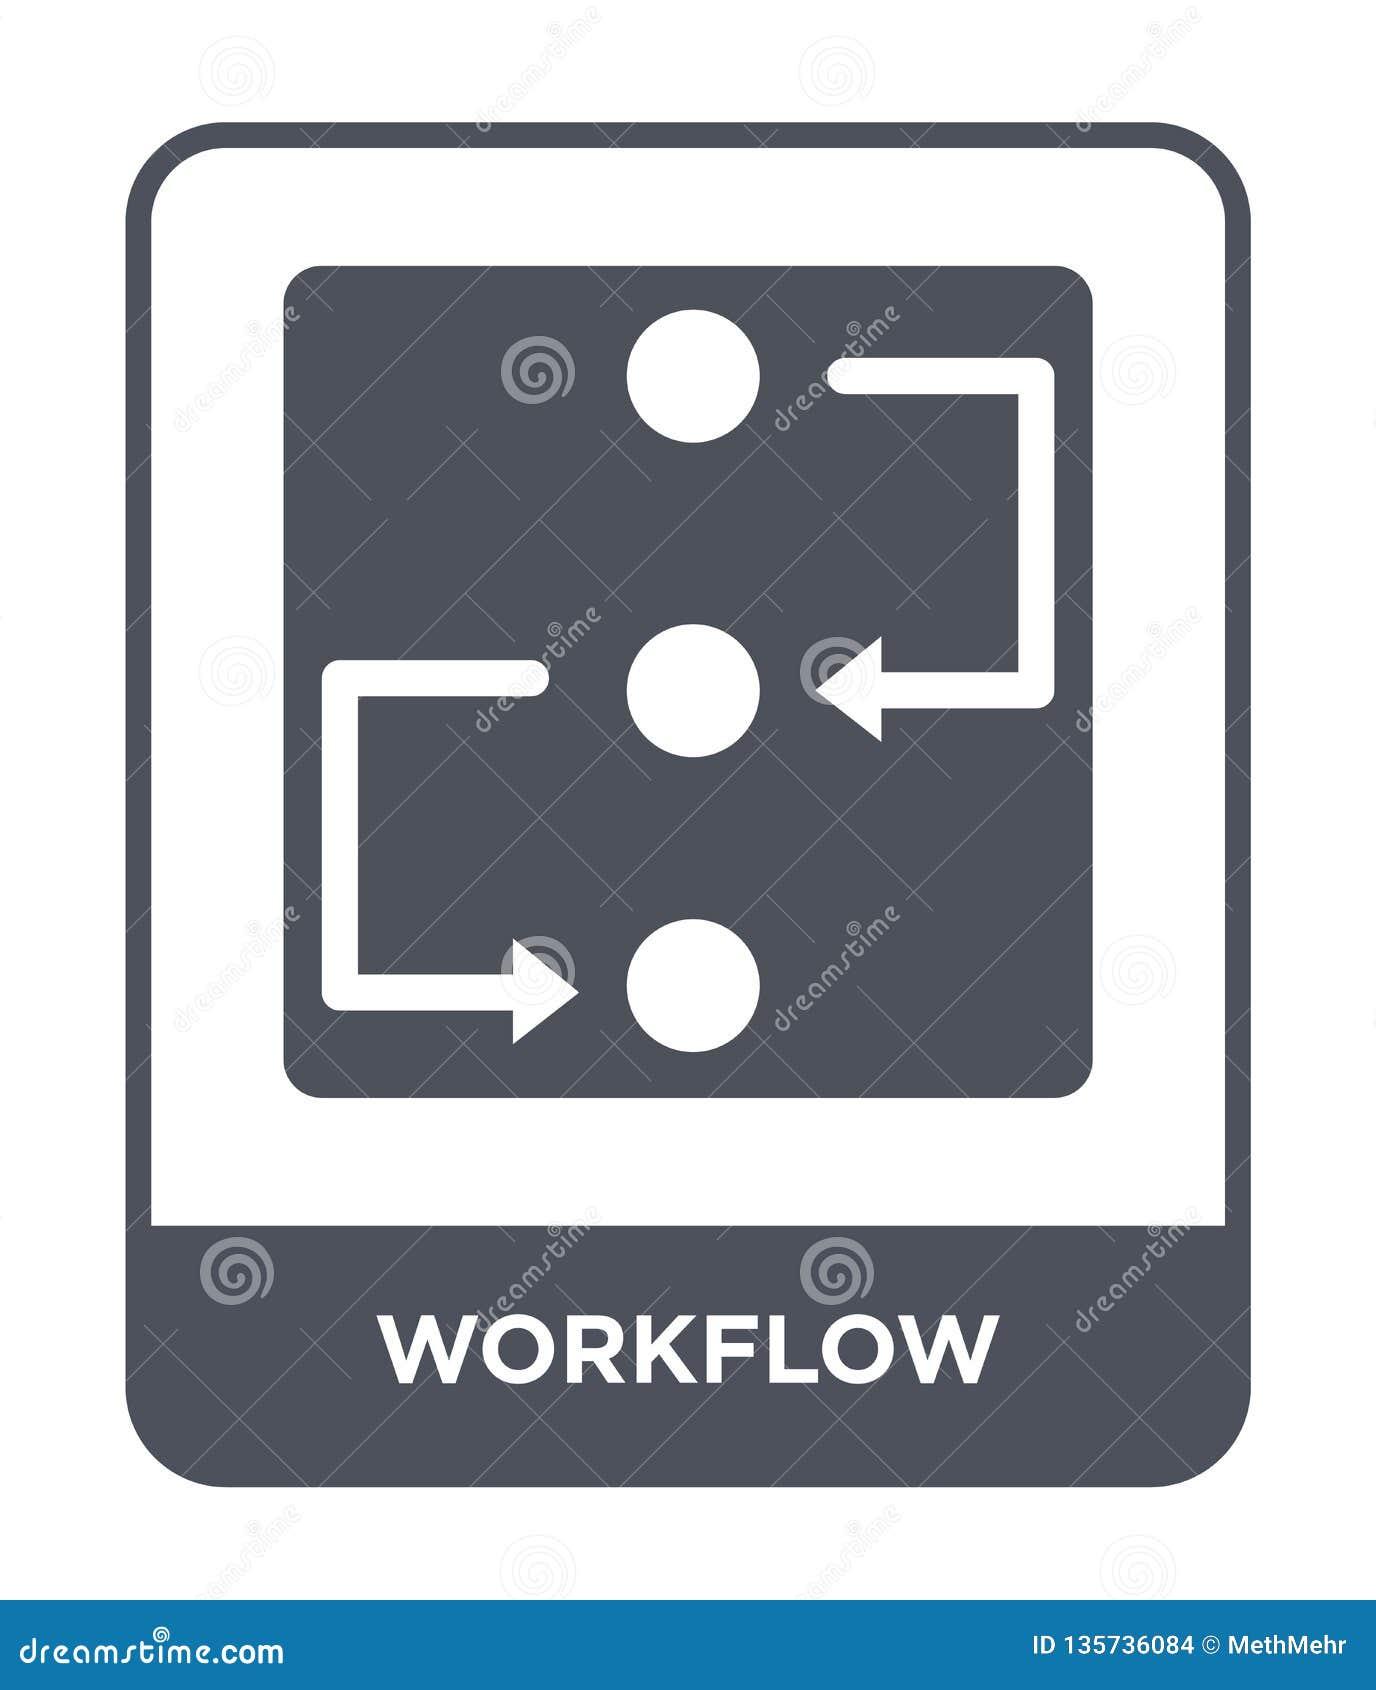 εικονίδιο ροής της δουλειάς στο καθιερώνον τη μόδα ύφος σχεδίου εικονίδιο ροής της δουλειάς που απομονώνεται στο άσπρο υπόβαθρο α